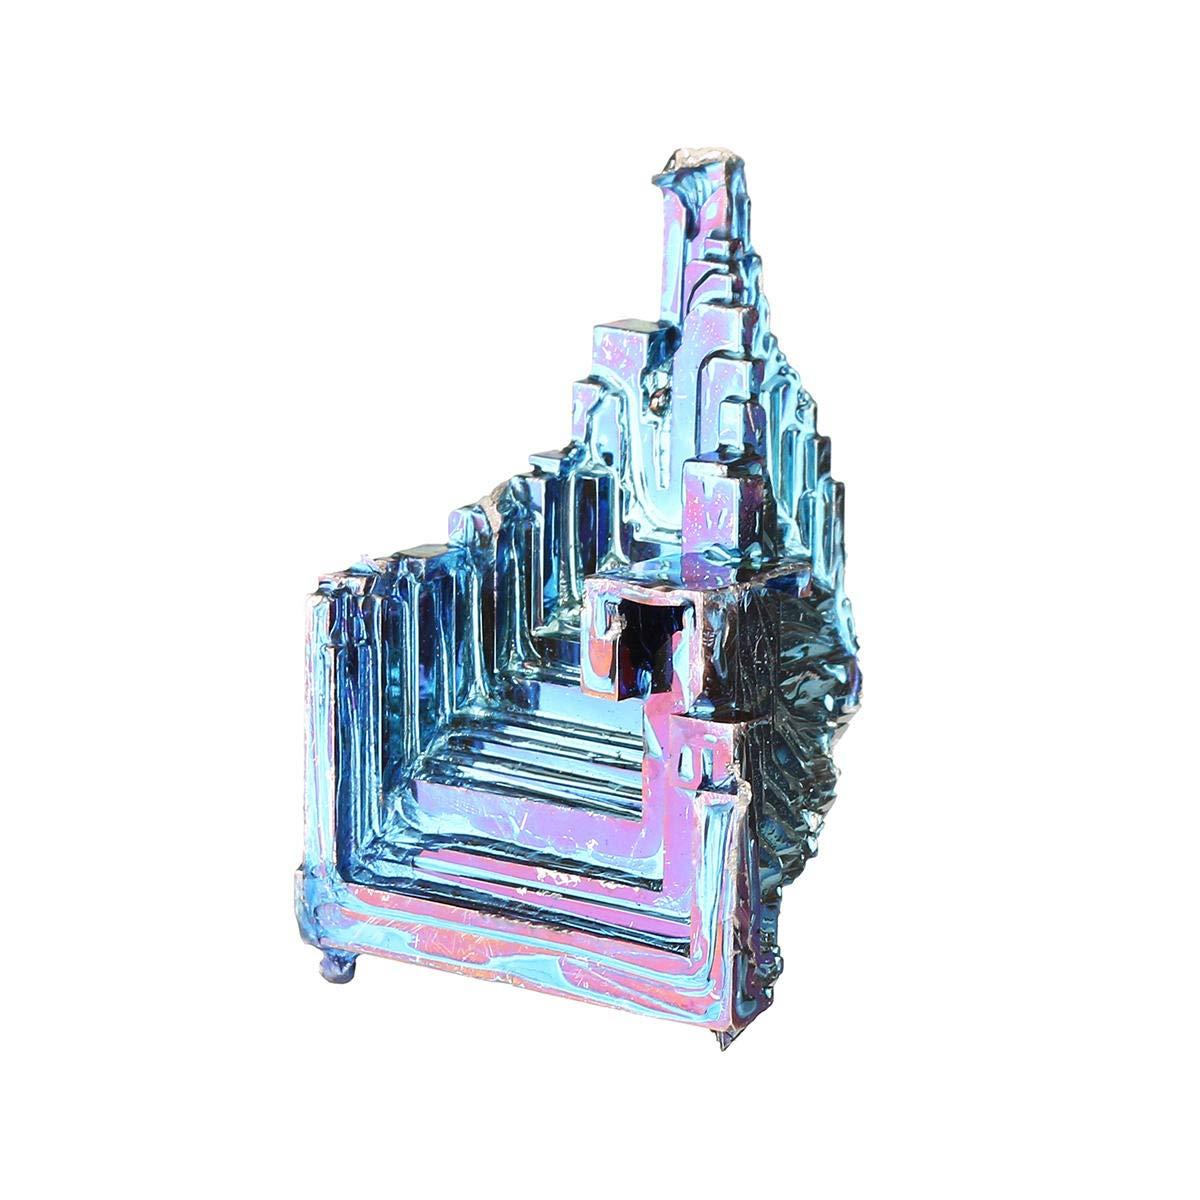 20 g de piedras preciosas minerales de titanio arcoíris raras de bismuto y piedras preciosas minerales